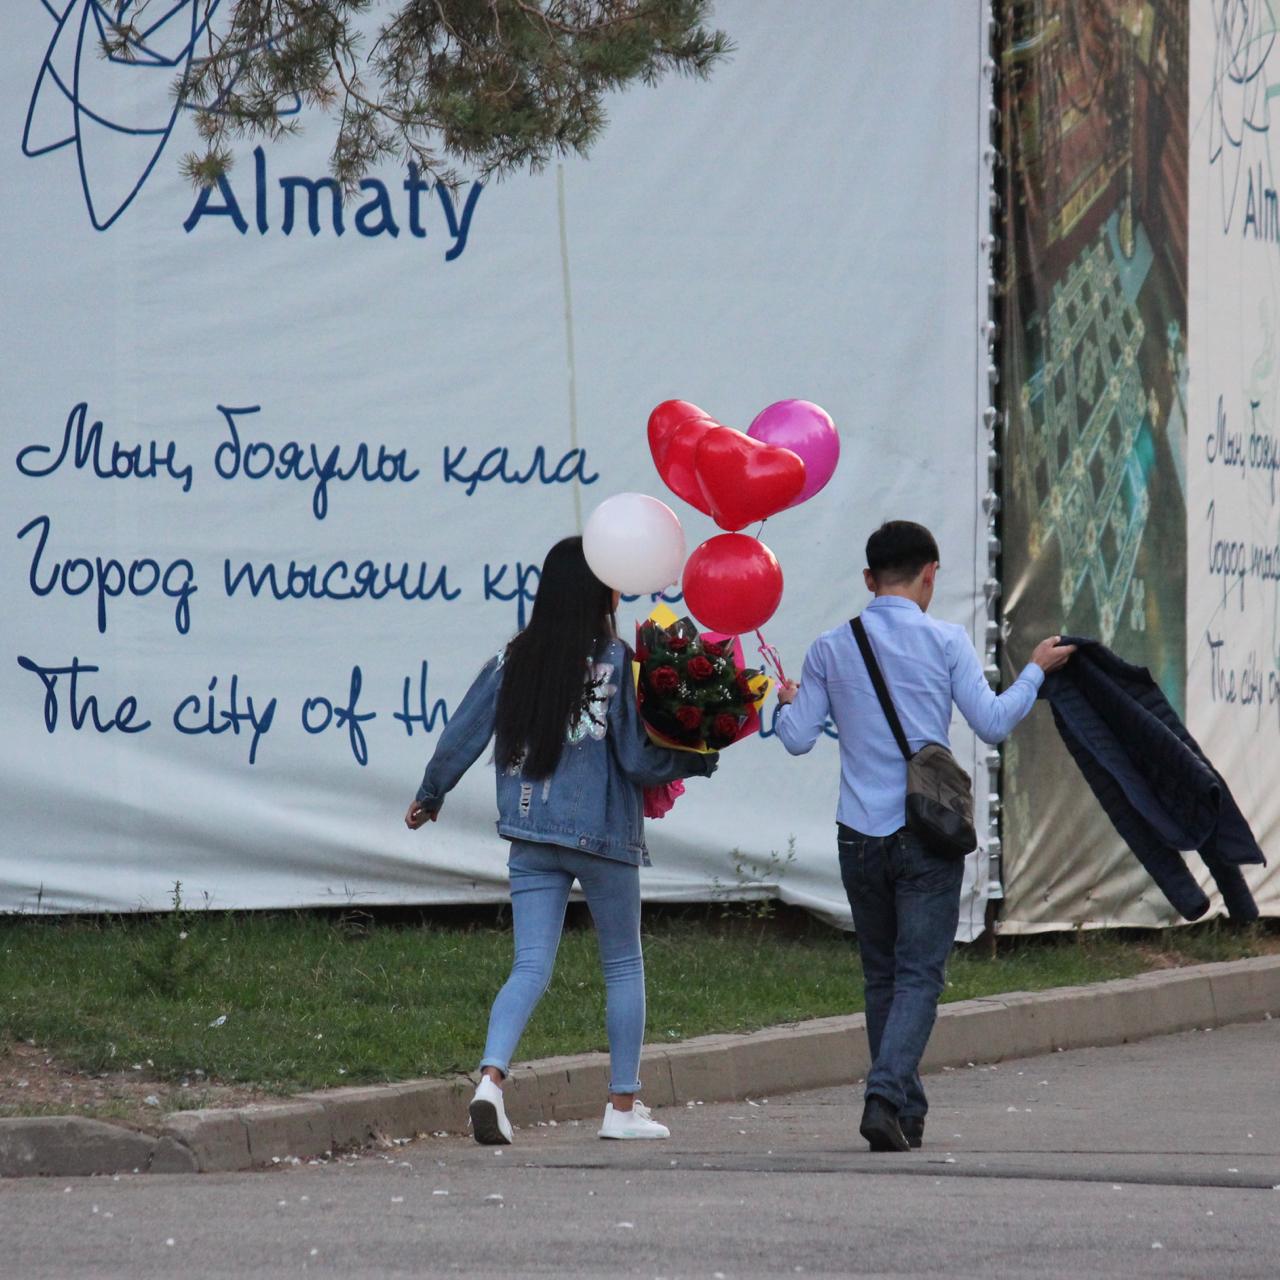 Almaty, Kazakhstan - 17